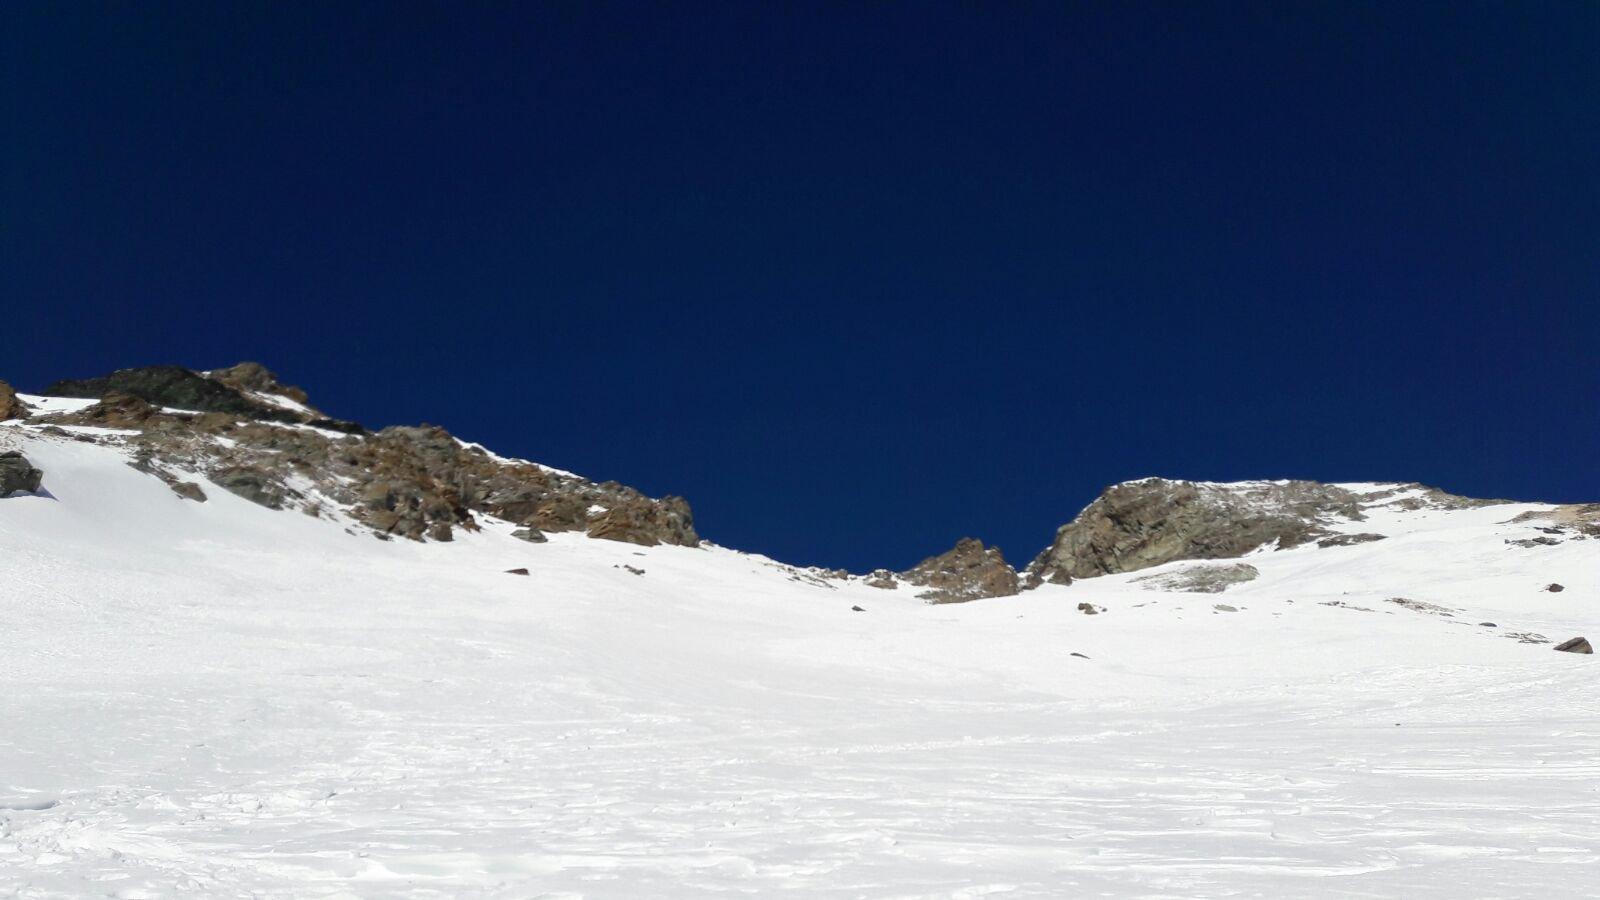 Arrivati con gli sci sotto le rocce finali